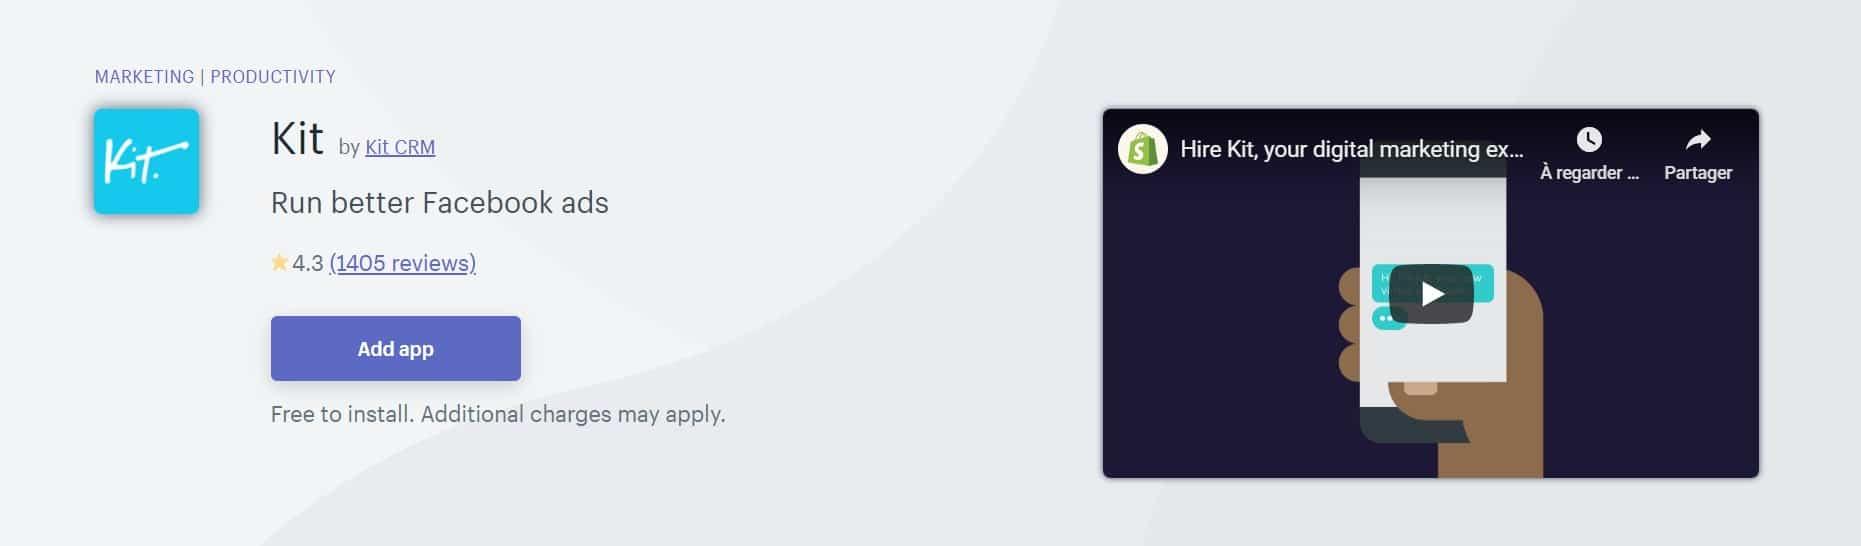 Application shopify : Kit